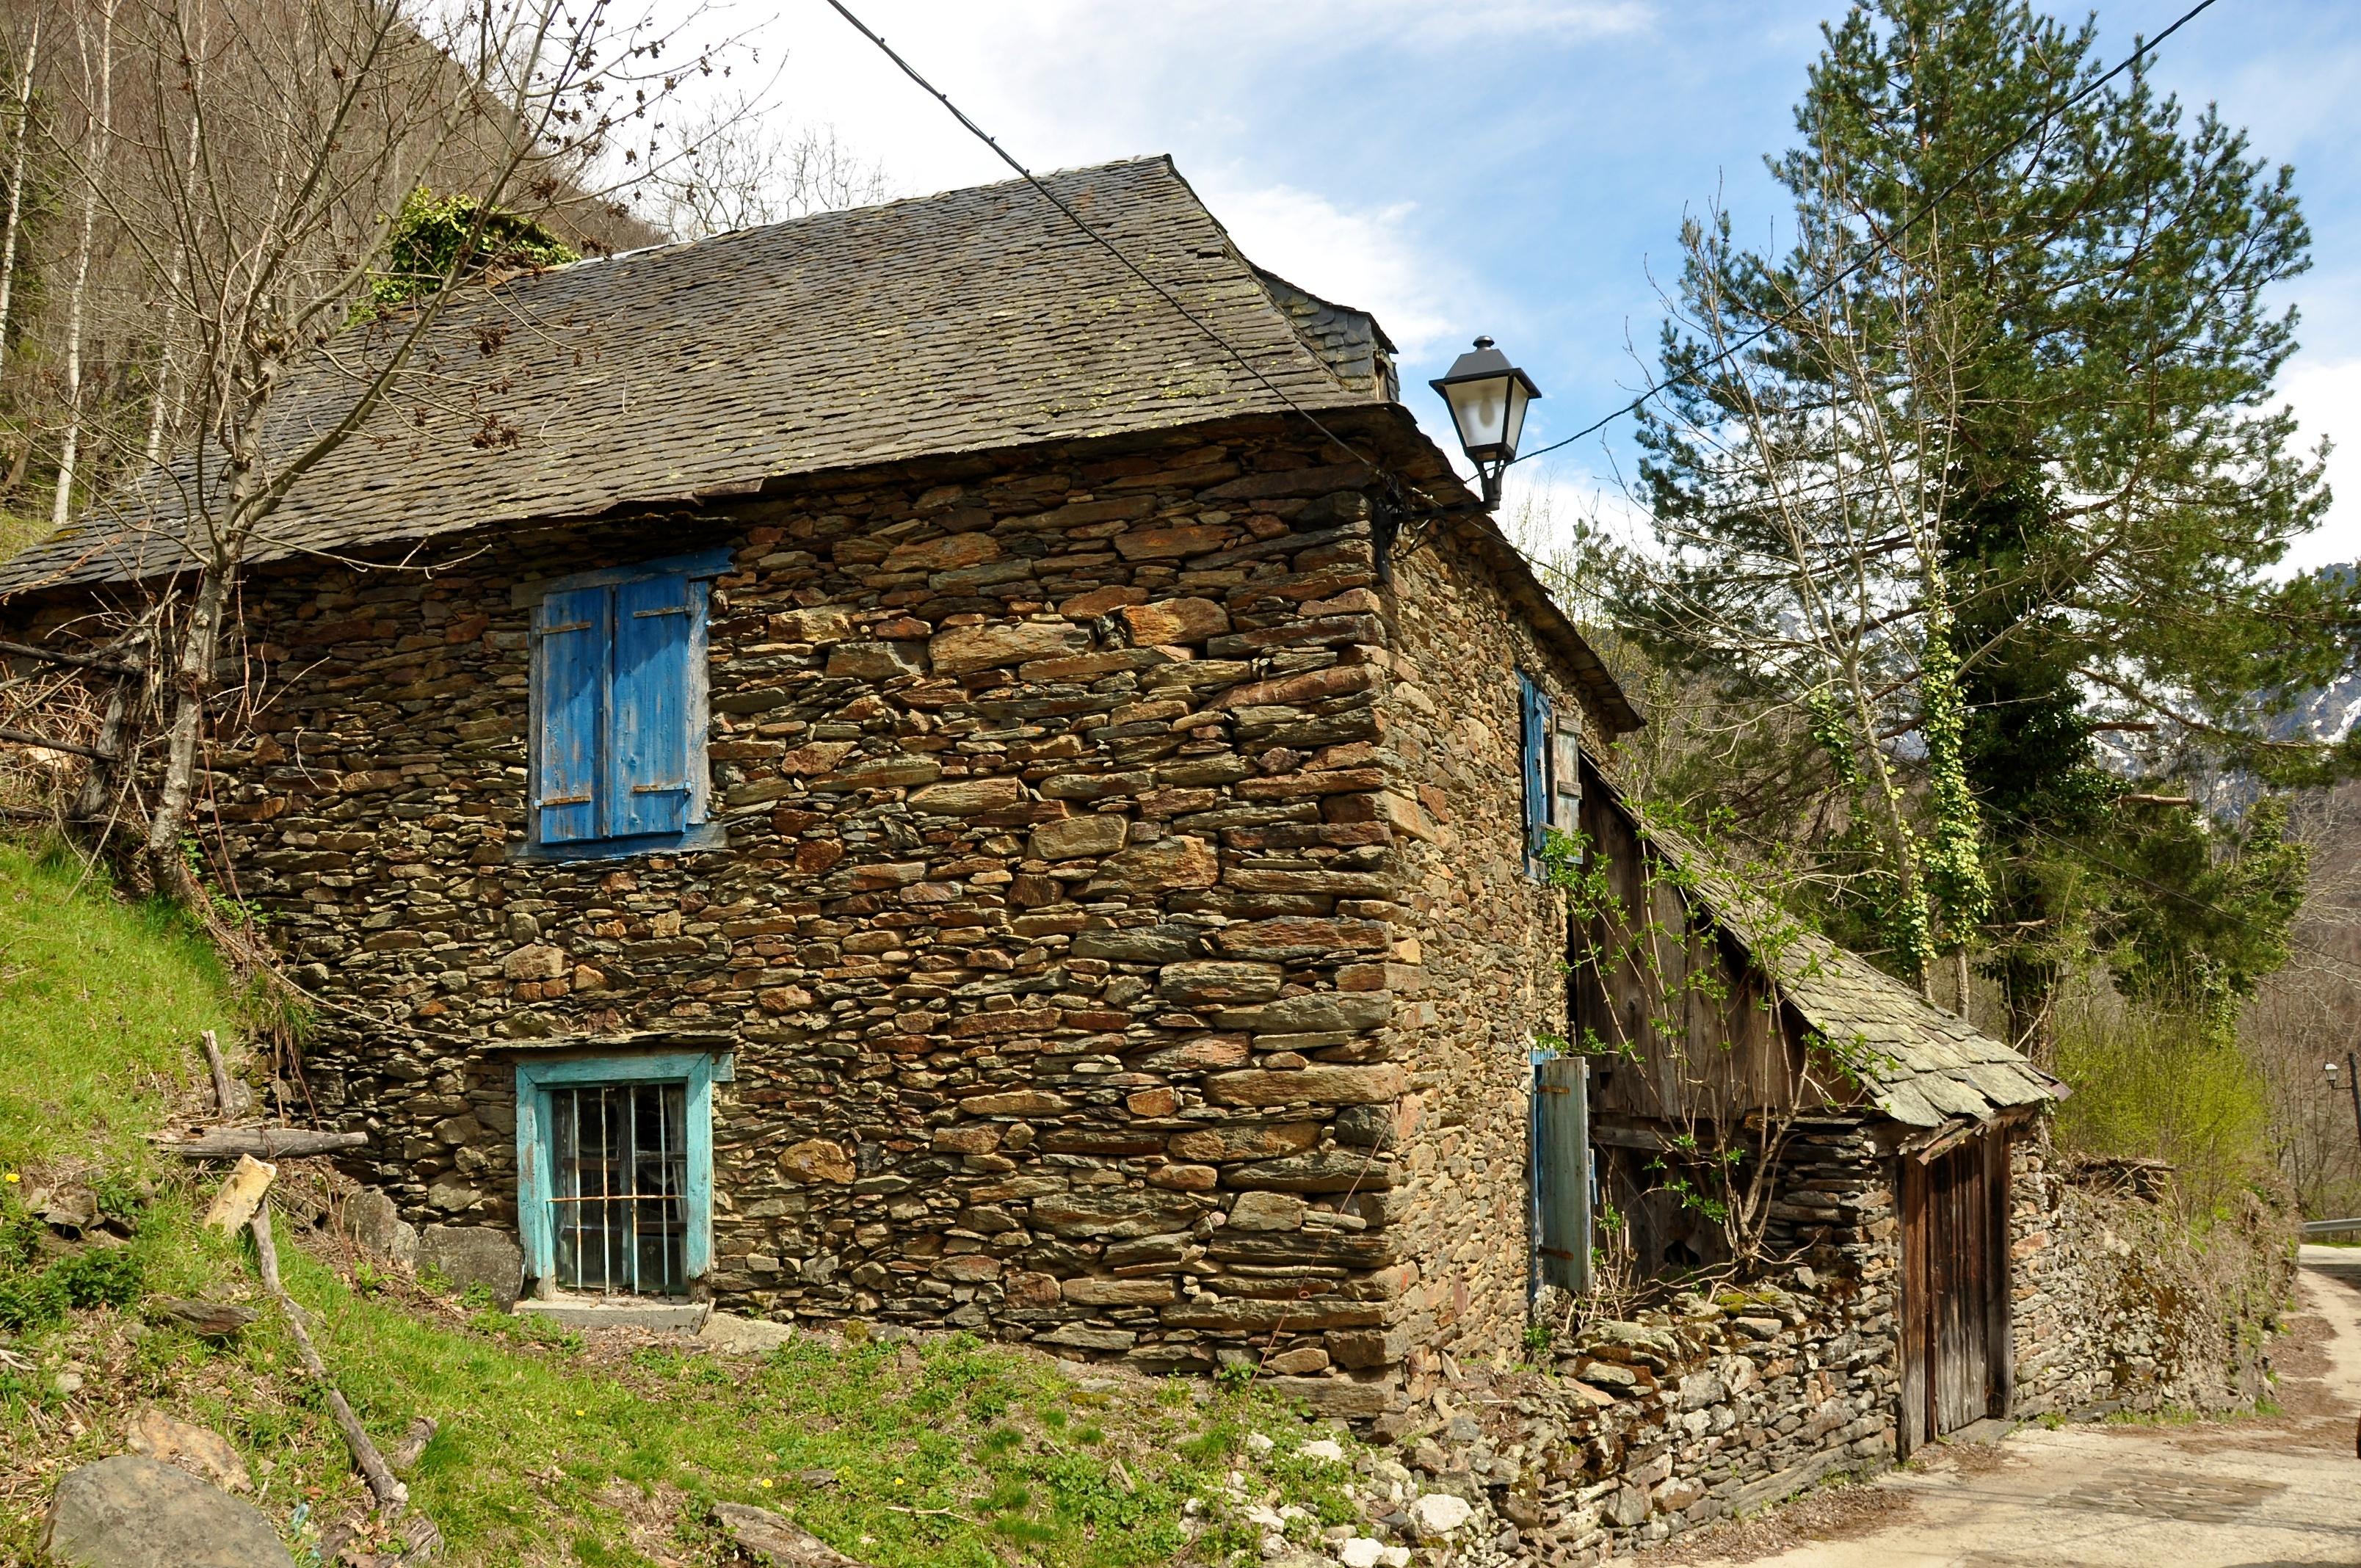 Canejan sant joan de toran canejan val d aran 585 imaginatura - Casas rurales valle de aran ...